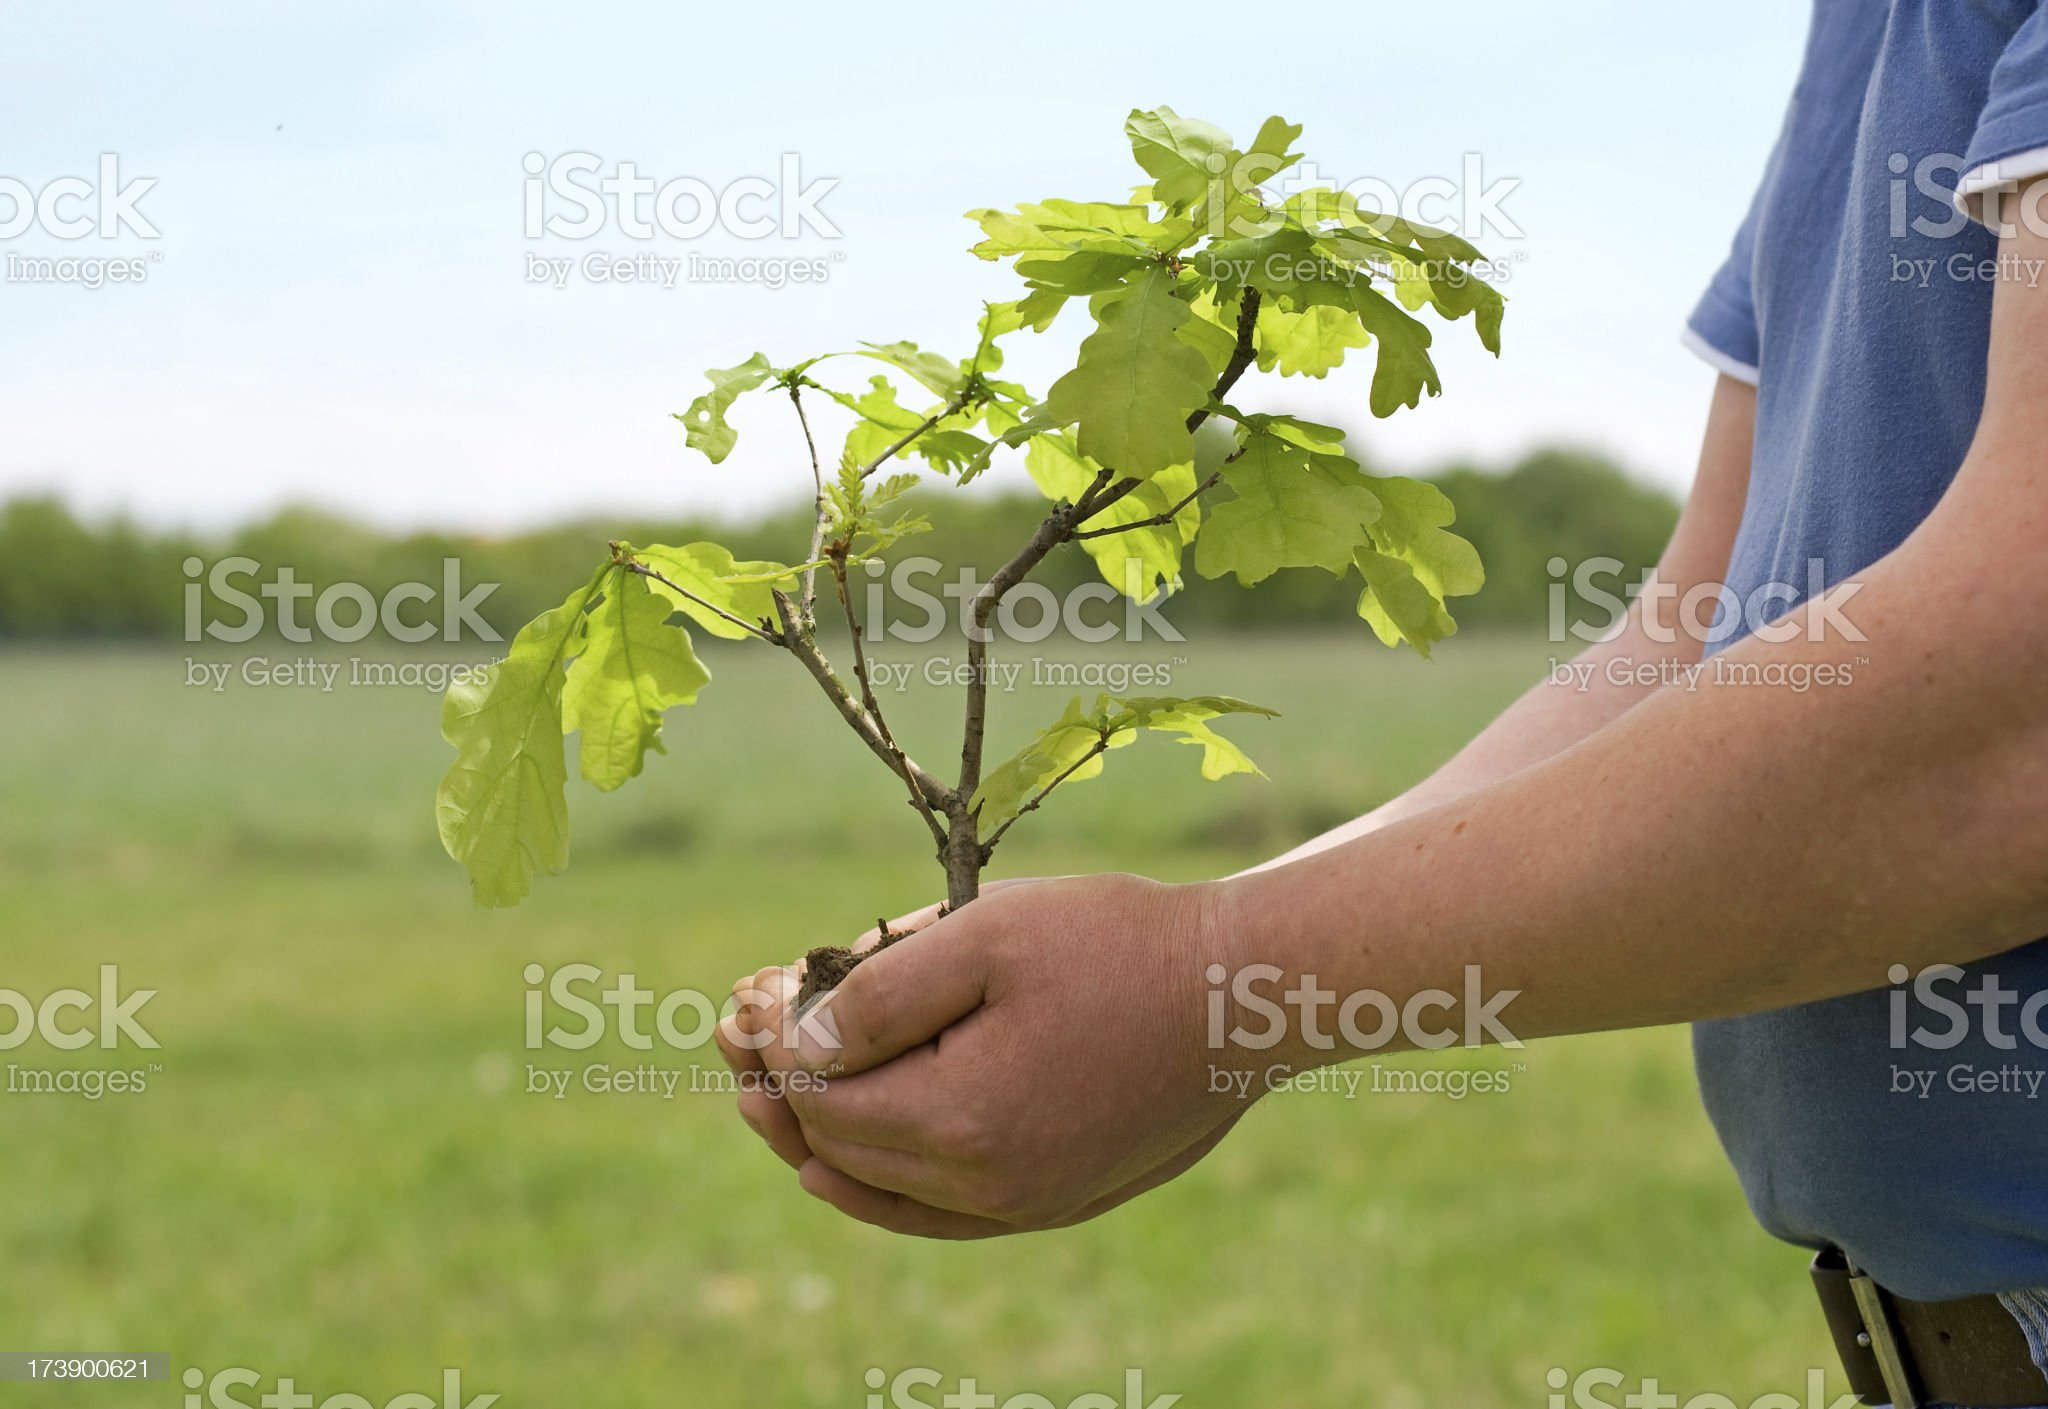 Bonsai tree in hand royalty-free stock photo